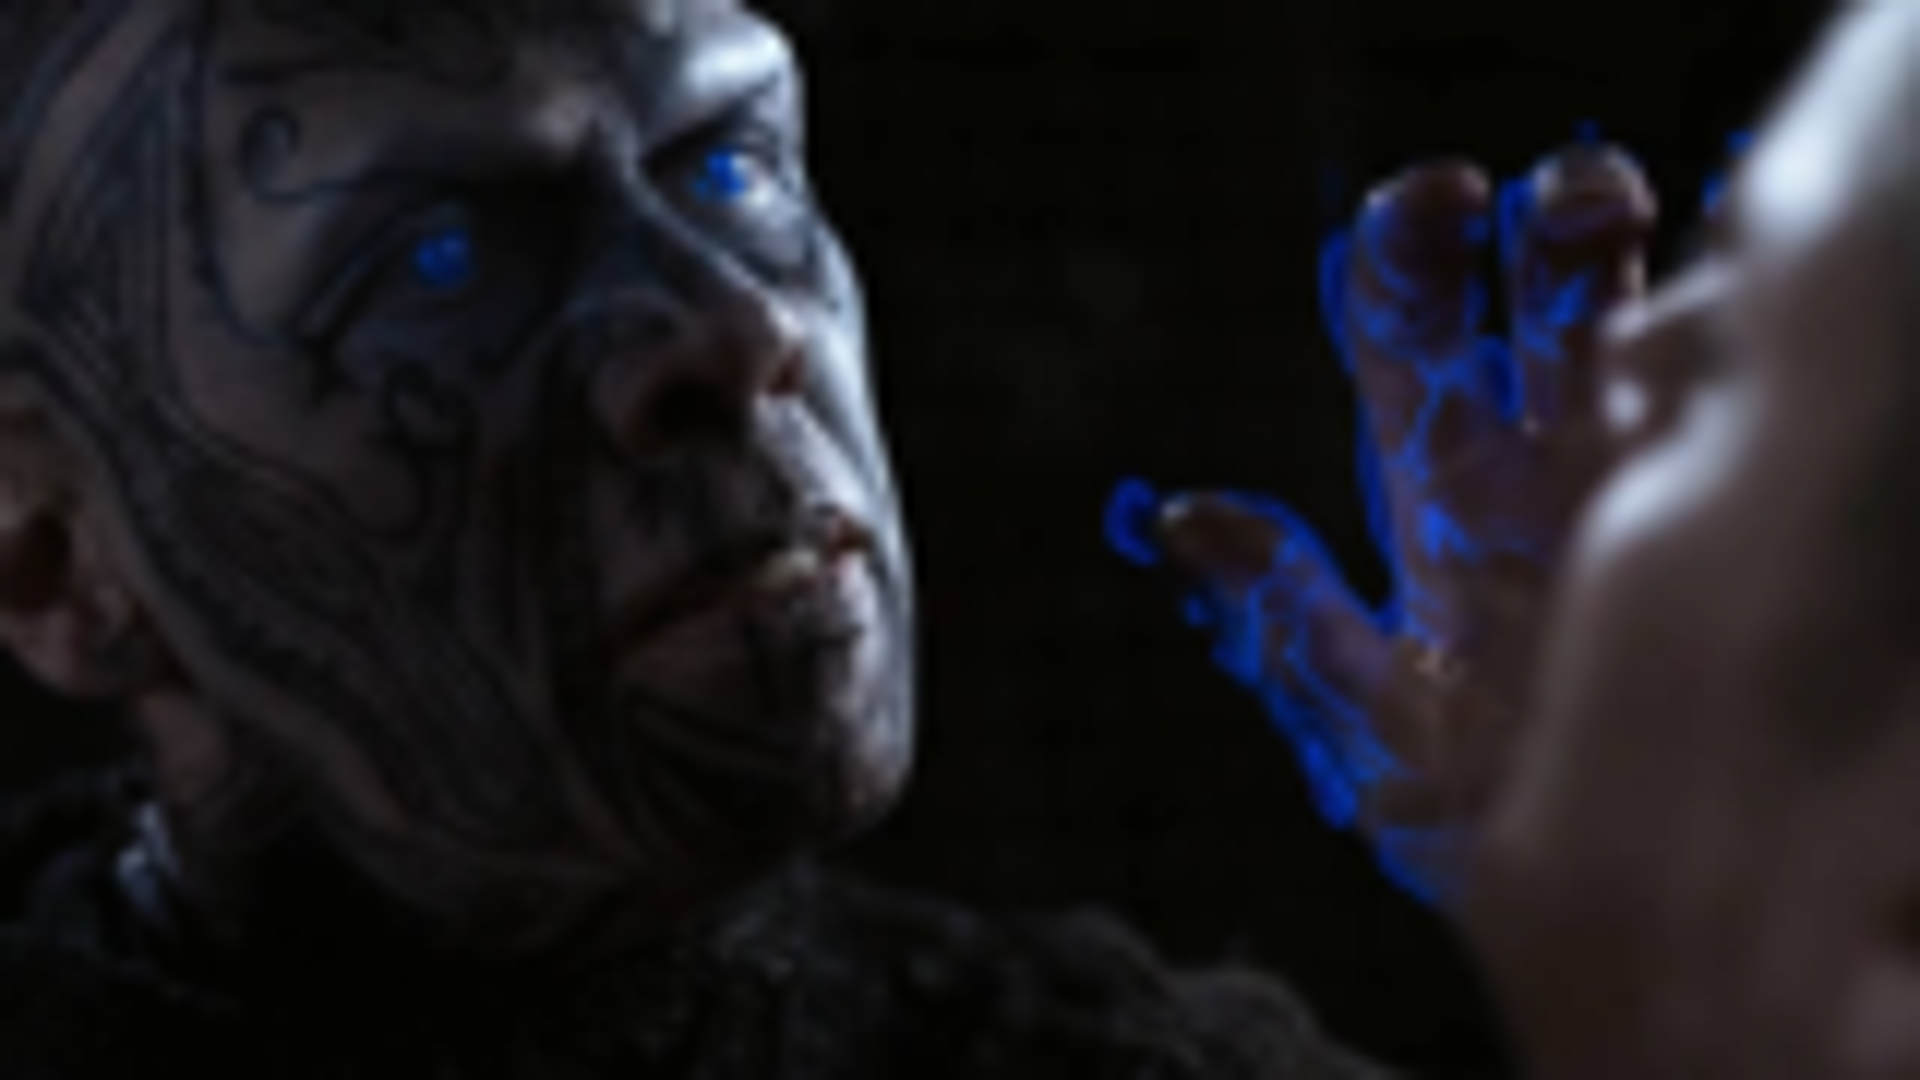 美剧《邪恶力量》第二季20:童话中的神灯精灵竟然是恶魔!